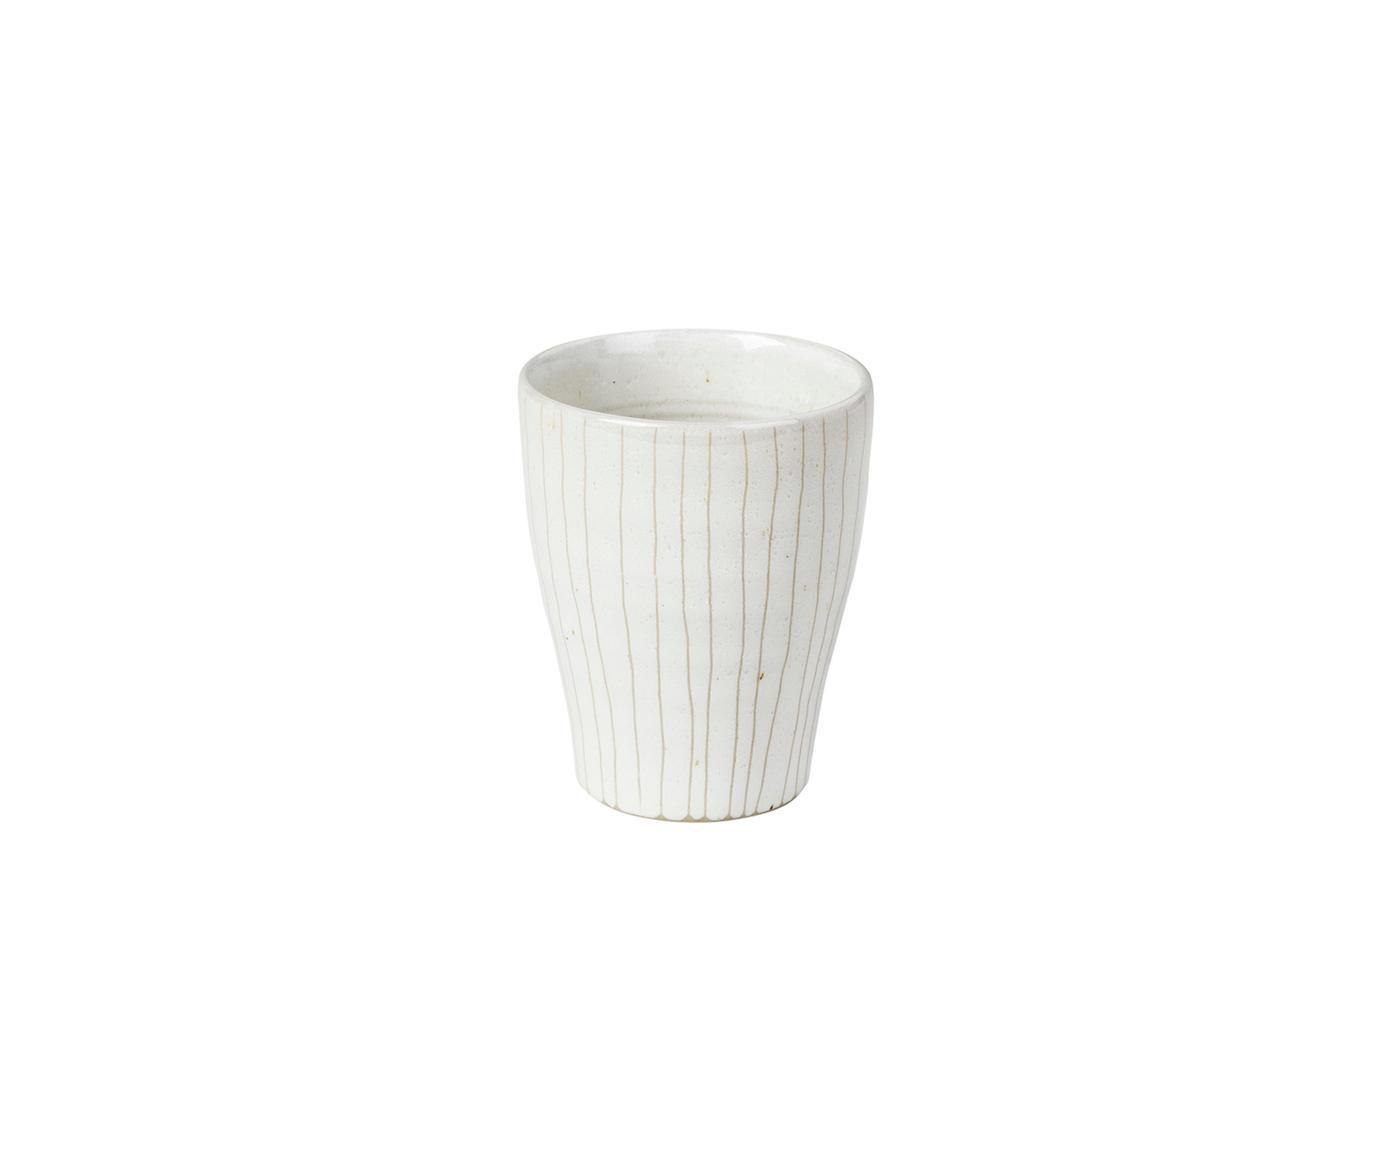 Tazas de café artesanales Copenhagen, 6uds., Gres, Marfil con rayas finas en beige claro, Ø 7 x Al 8 cm